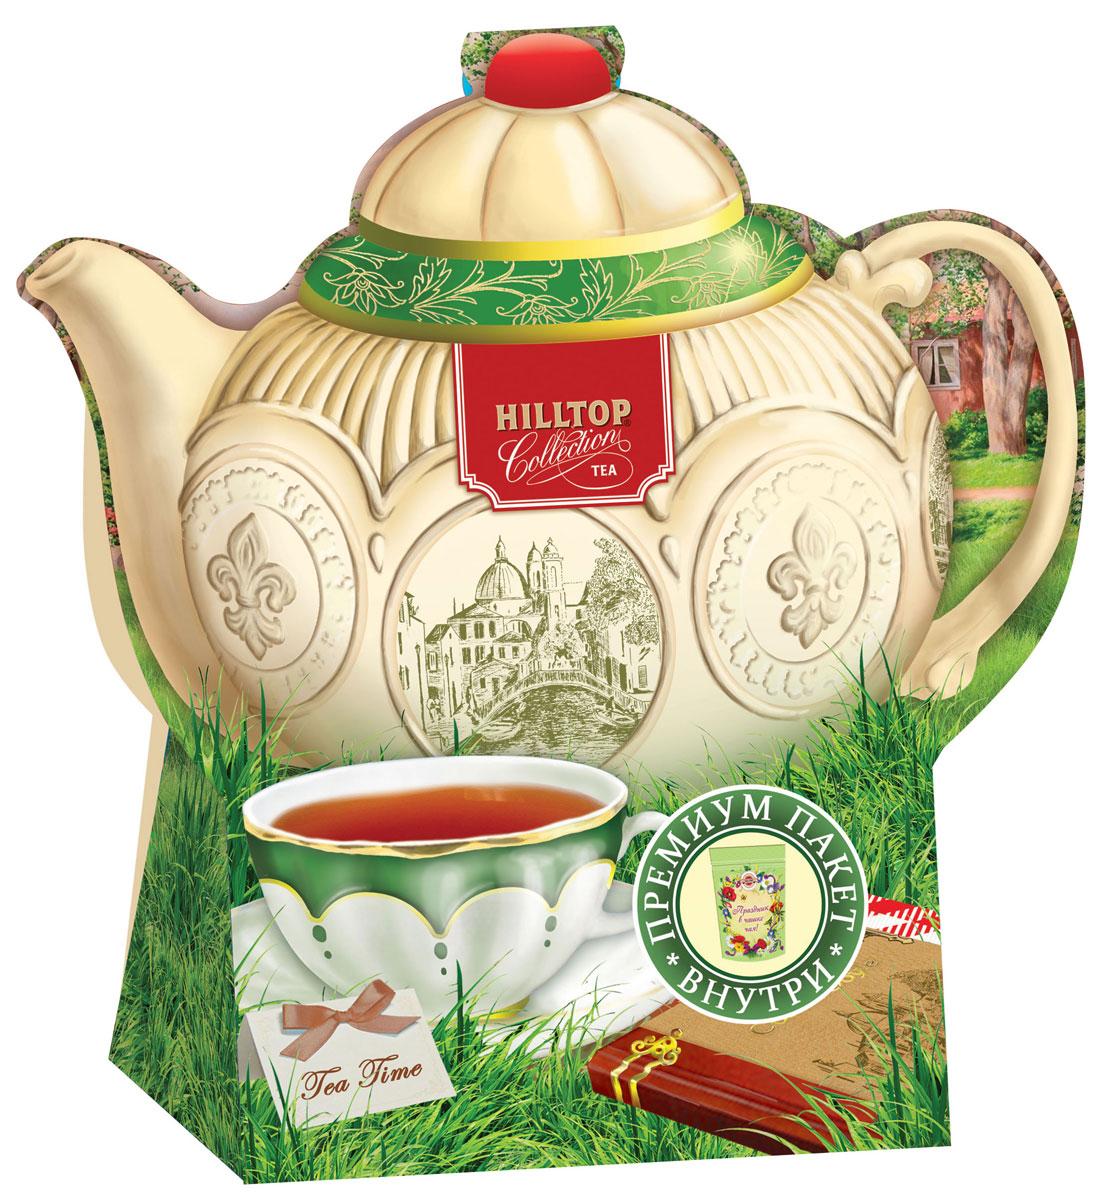 Hilltop Подарок Цейлона черный листовой чай, 80 г (чайник Английский)1524Крупнолистовой цейлонский черный чай Hilltop Подарок Цейлона с глубоким, насыщенным вкусом и изумительным ароматом. Благодаря красивой праздничной упаковке вы можете подарить этот прекрасный чай своим друзьям и близким.